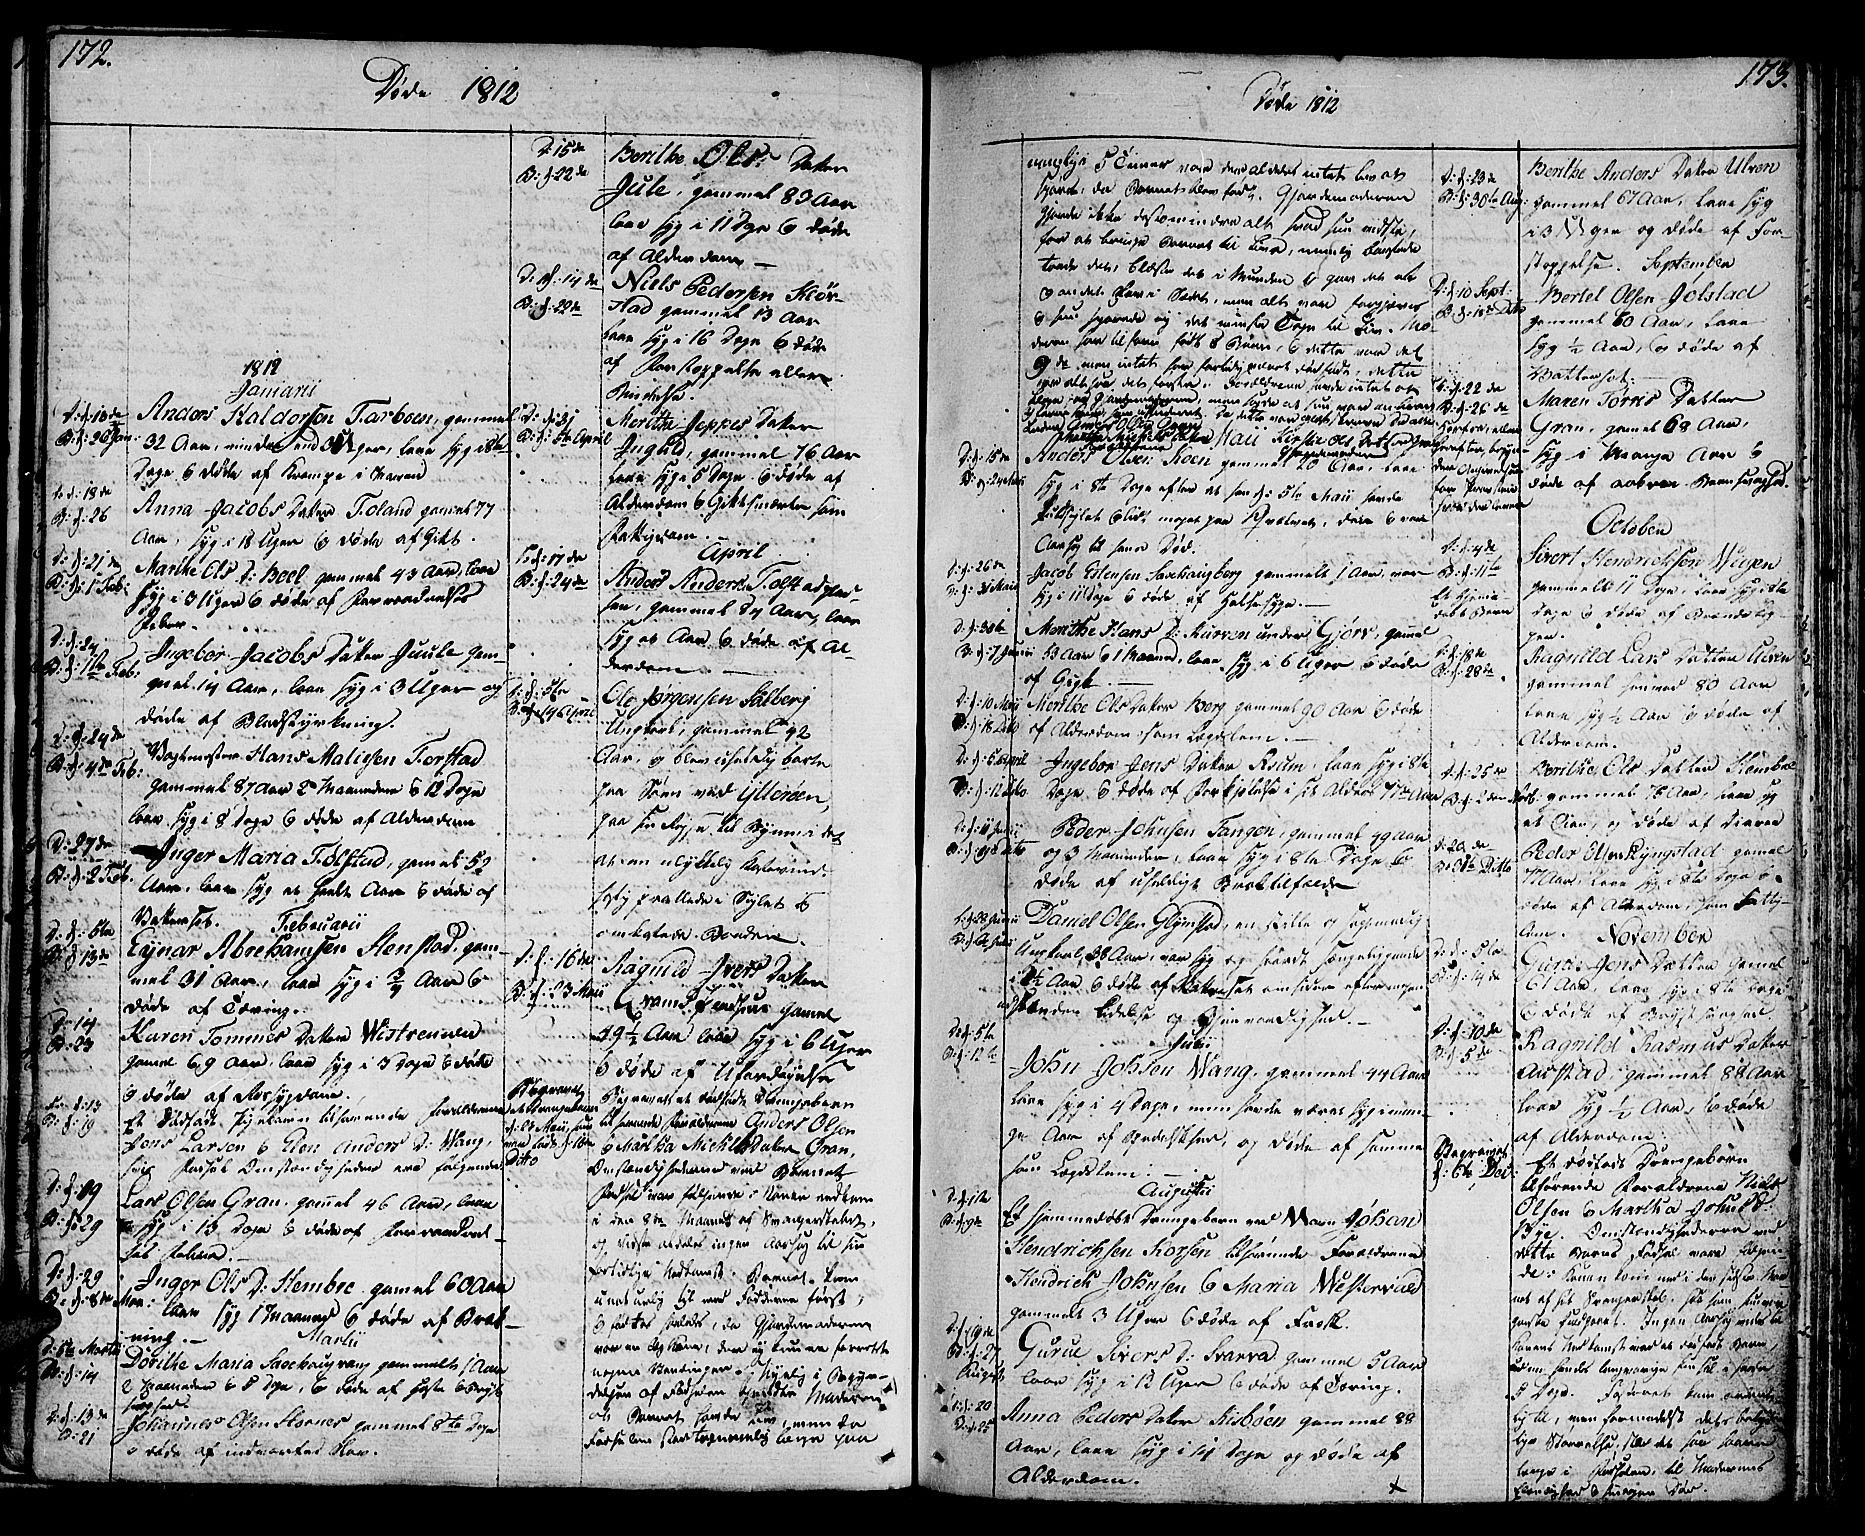 SAT, Ministerialprotokoller, klokkerbøker og fødselsregistre - Nord-Trøndelag, 730/L0274: Ministerialbok nr. 730A03, 1802-1816, s. 172-173